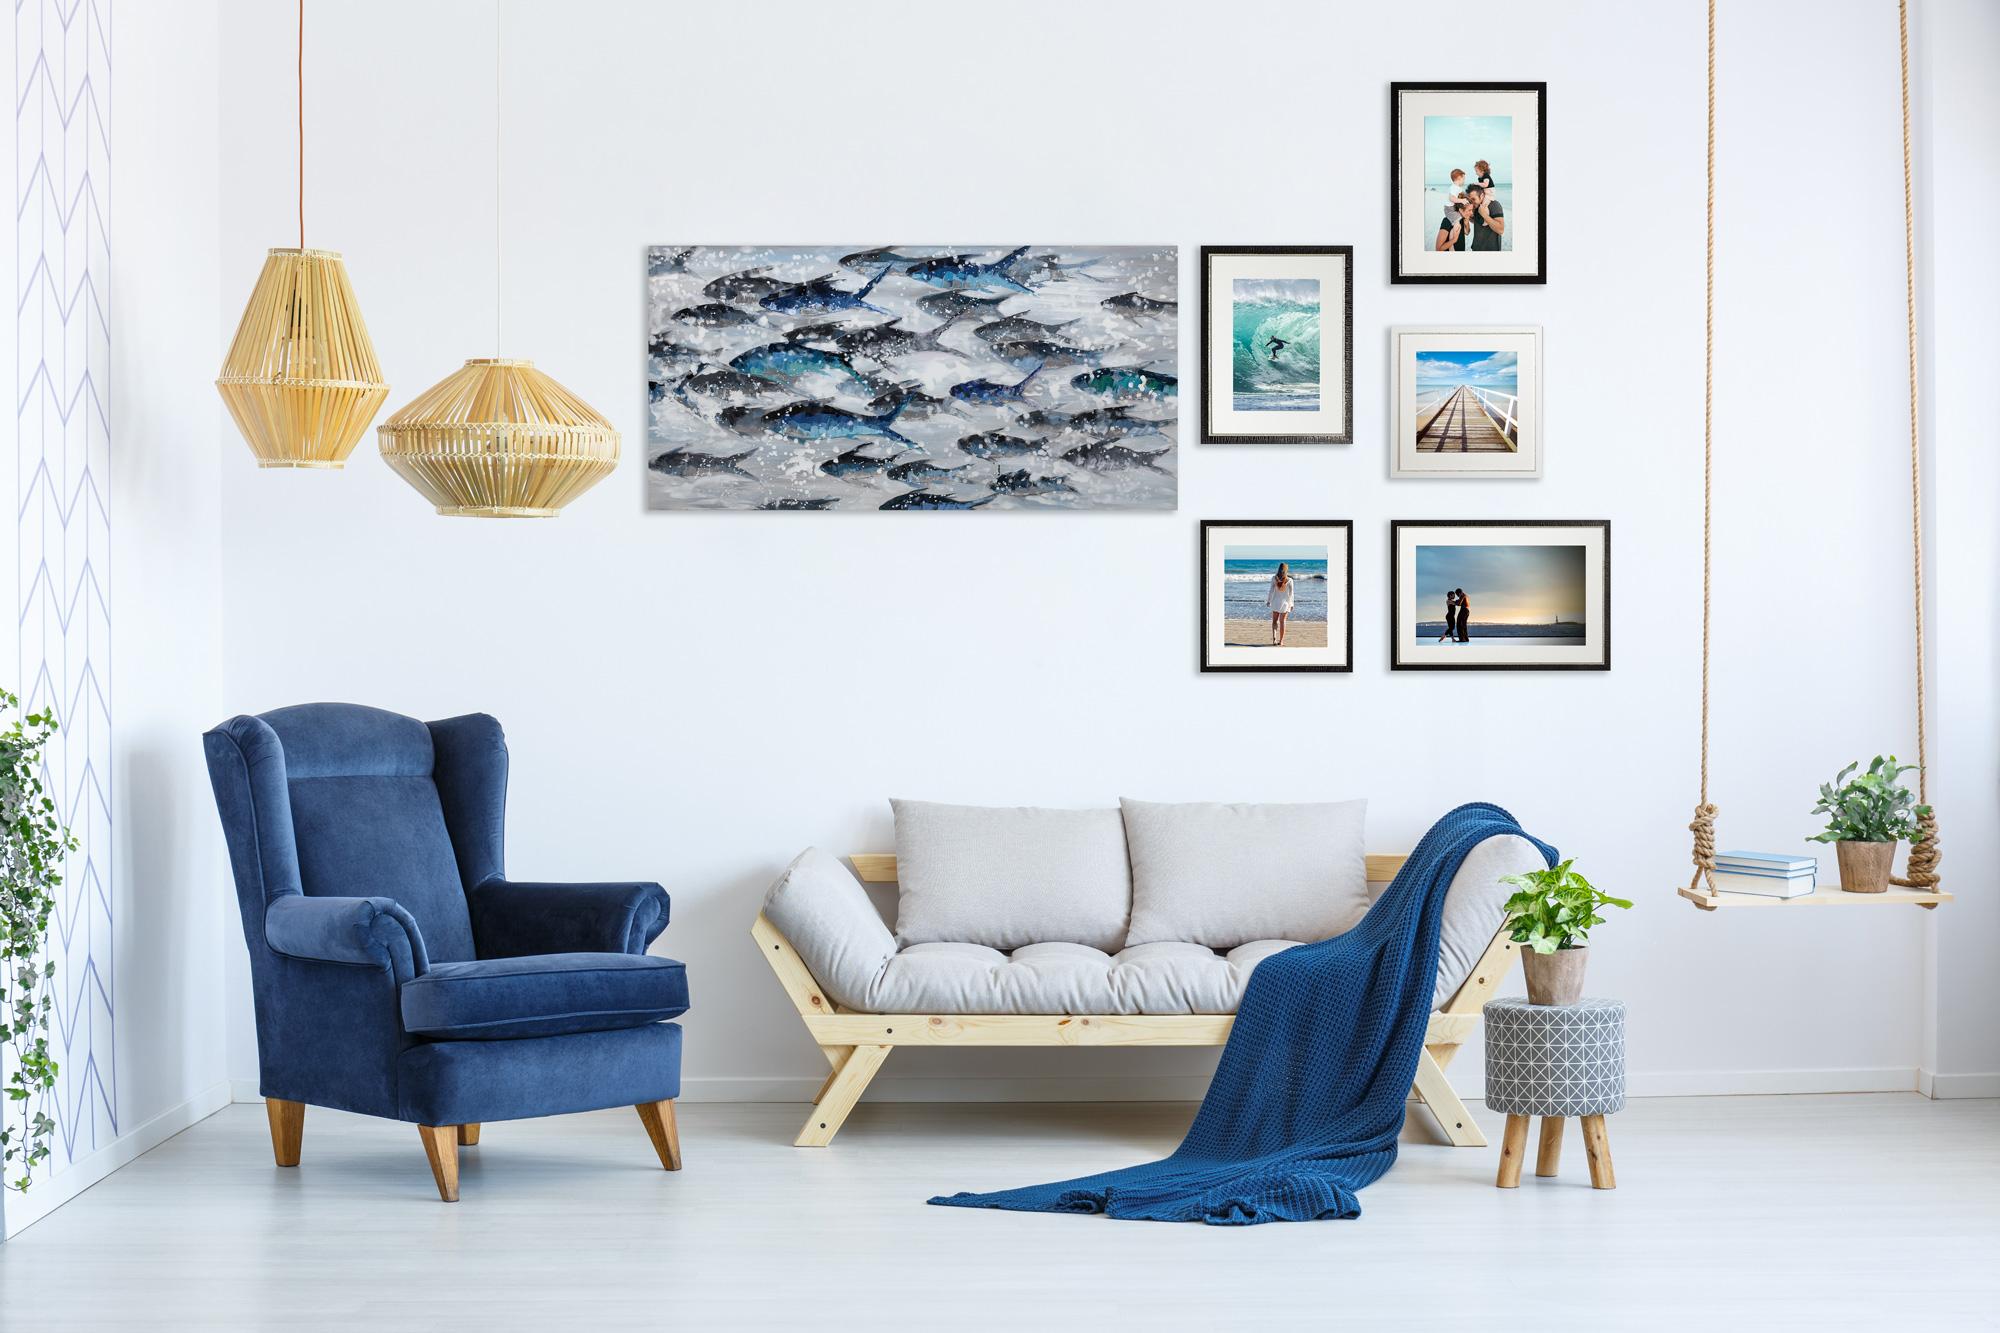 5 idee per decorare le pareti della tua casa arredobene - Decorare pareti camera ...